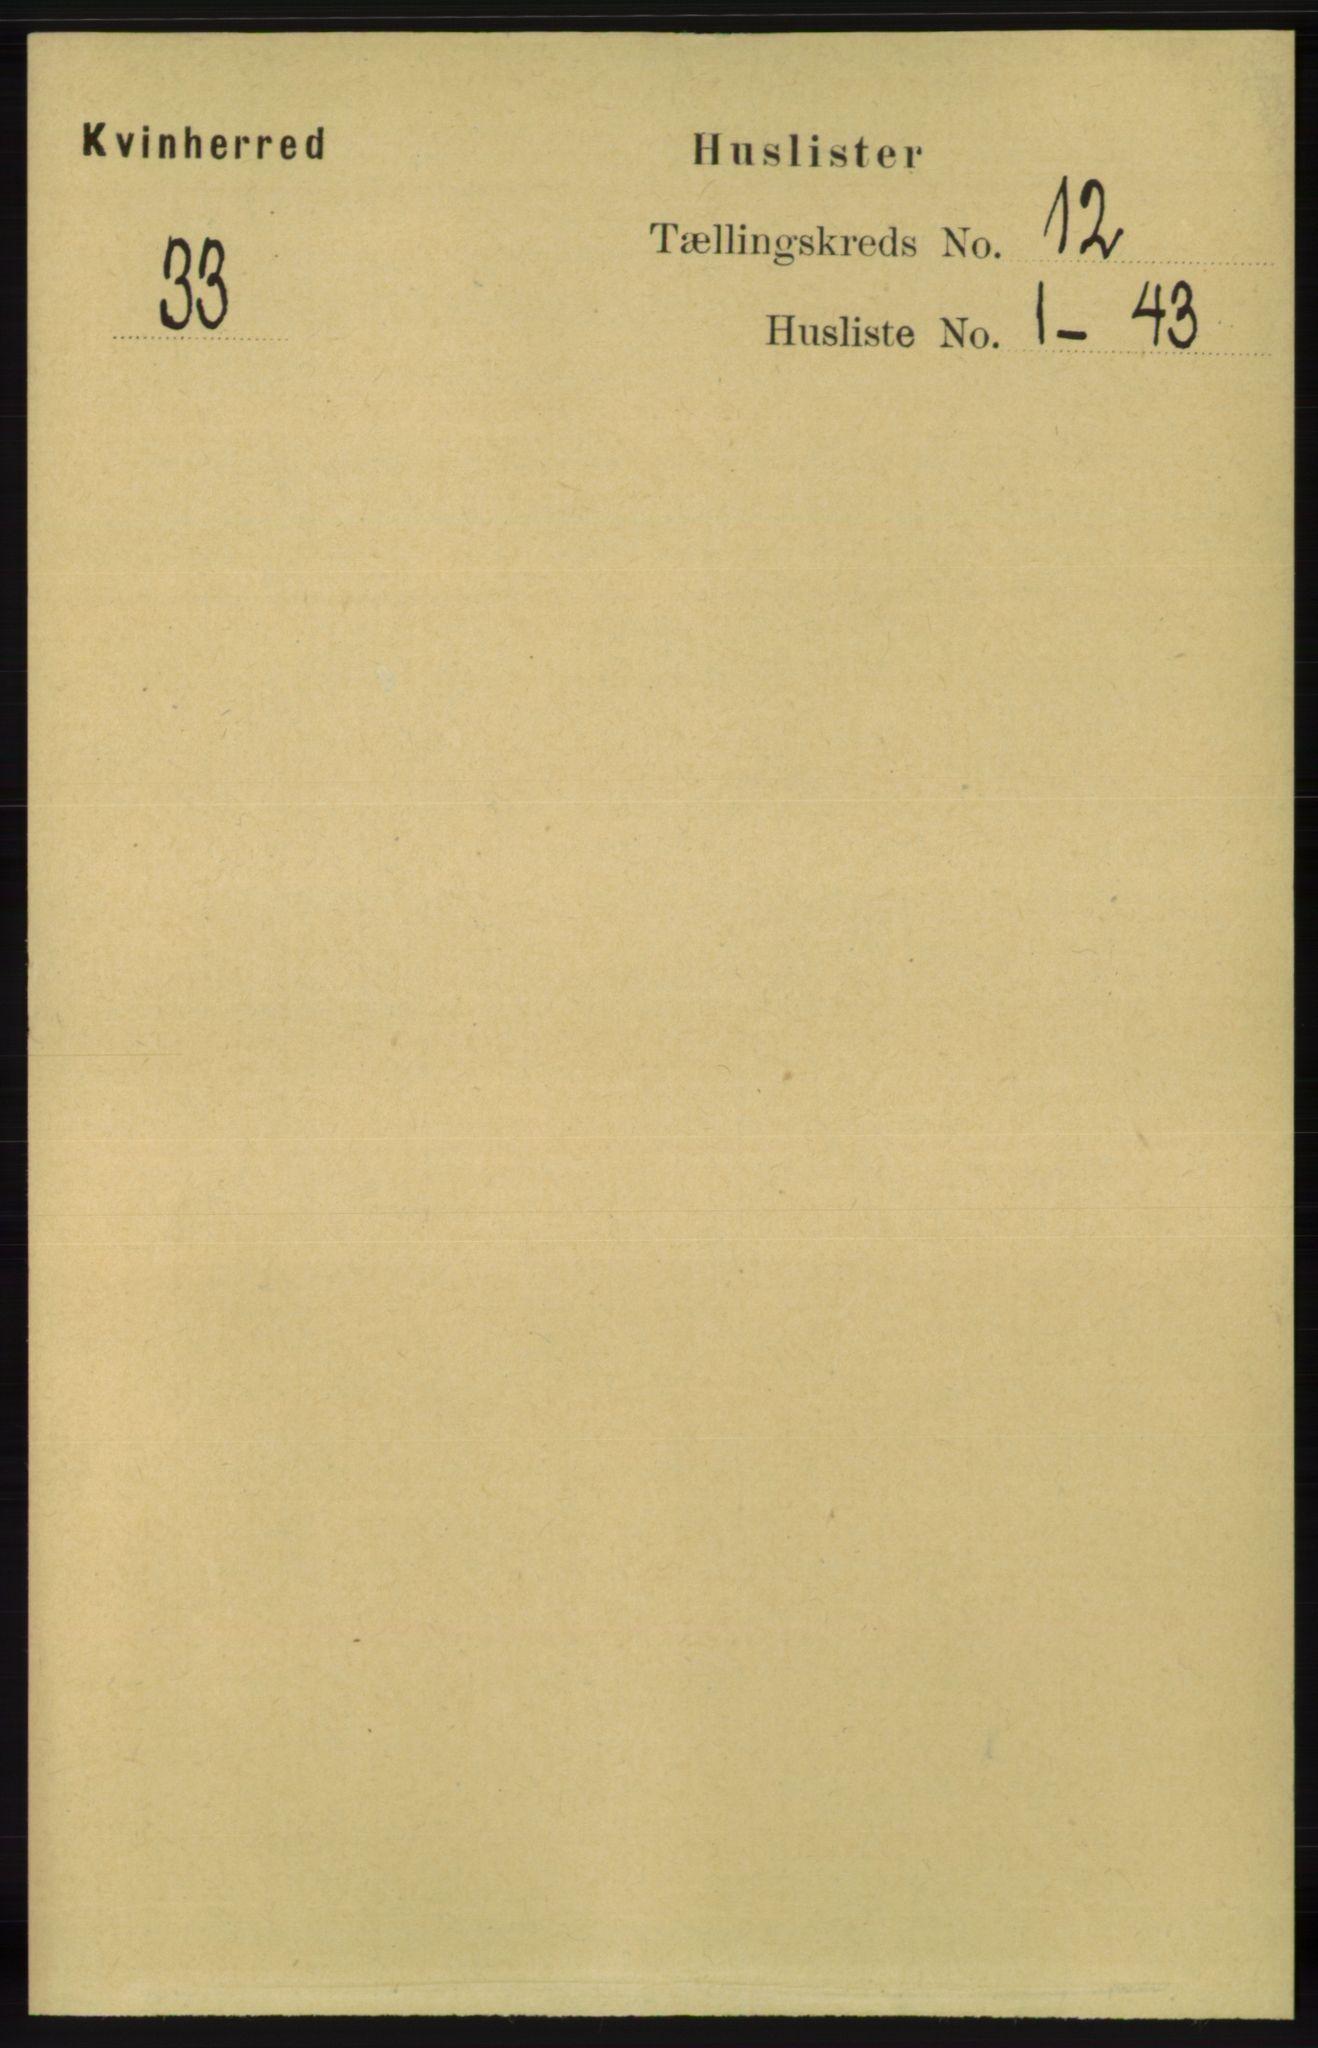 RA, Folketelling 1891 for 1224 Kvinnherad herred, 1891, s. 3919